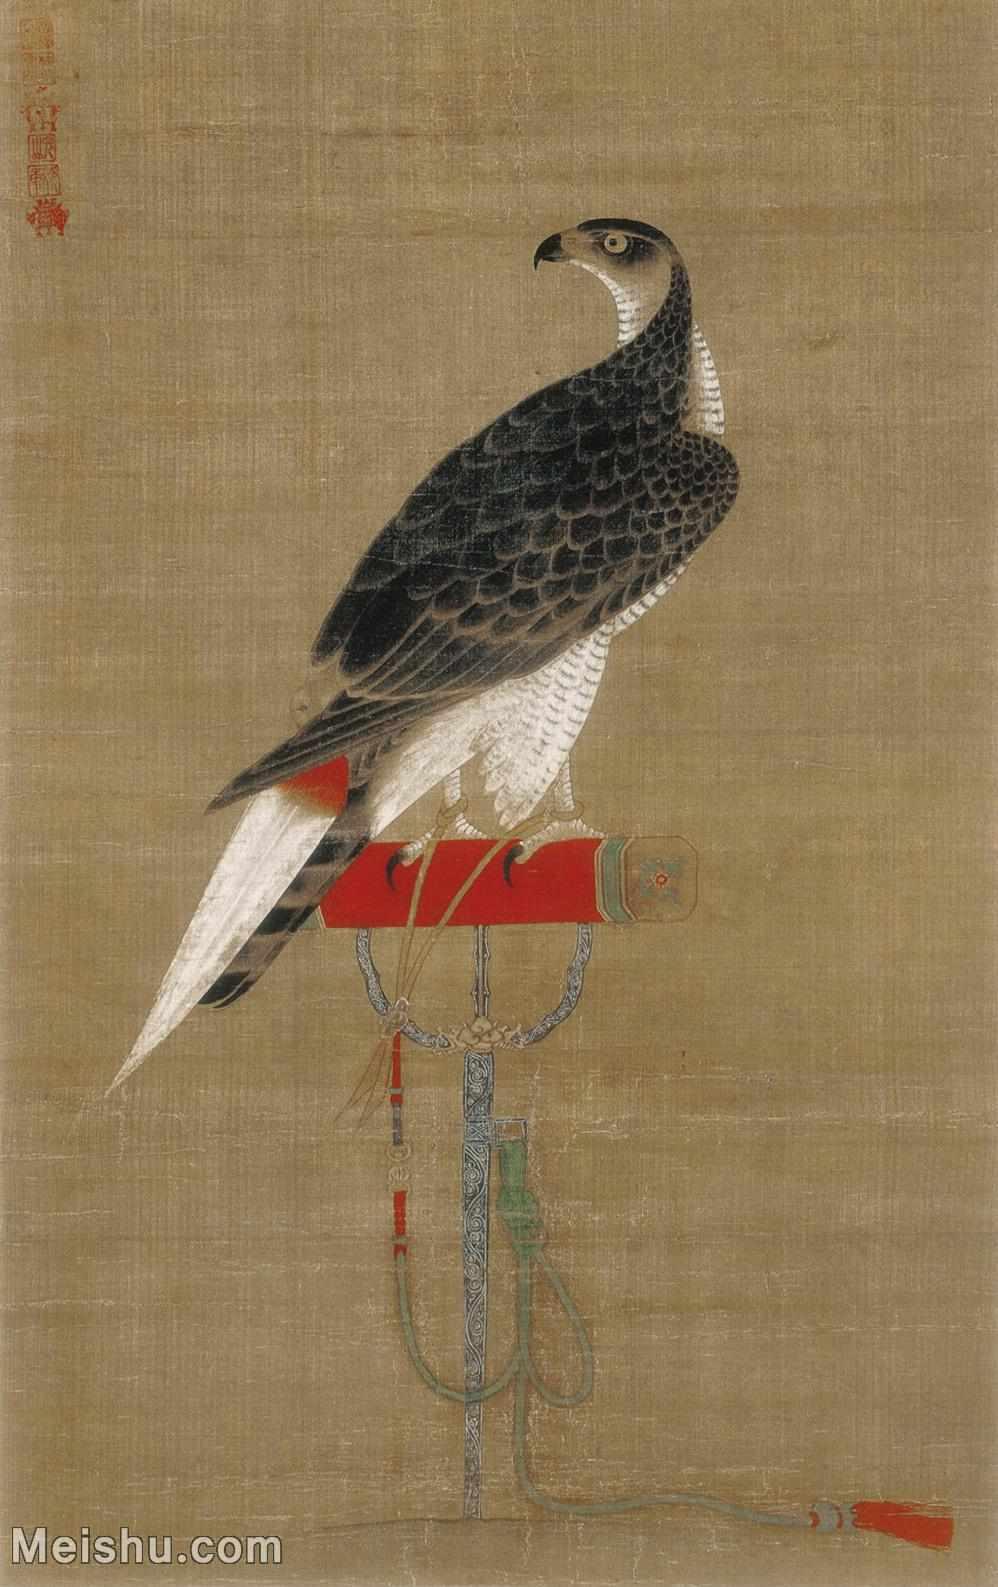 【印刷级】GH6155054古画立轴动物架上鹰图图片-108M-4724X7504_14081601.jpg